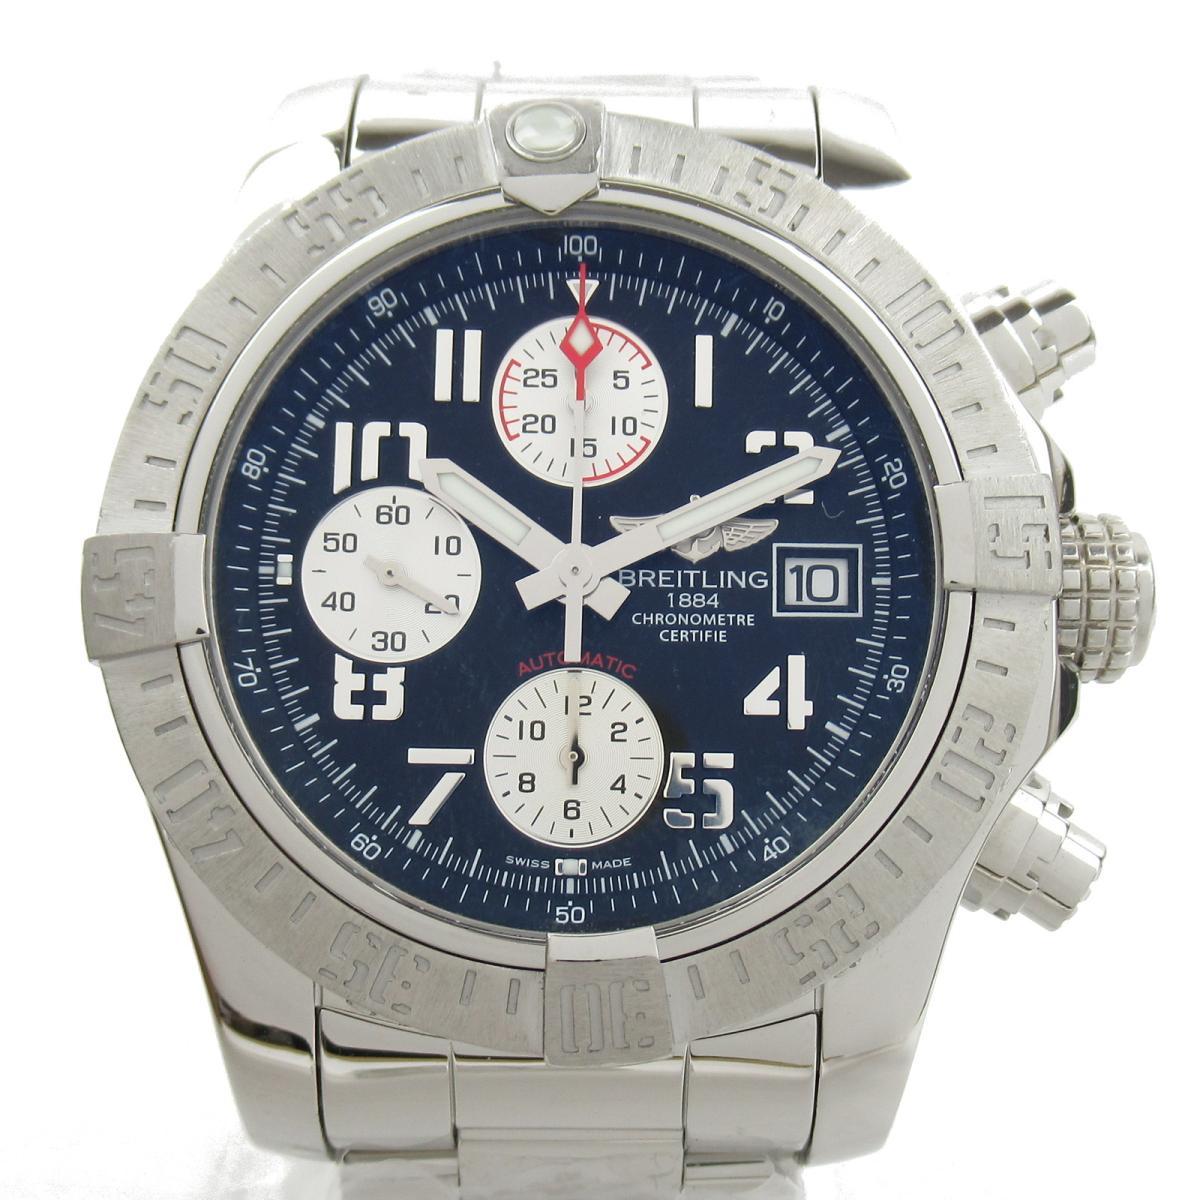 【中古】 ブライトリング アベンジャー2 ウォッチ 腕時計 メンズ ステンレススチール (SS) (A1338111) | BREITLING BRANDOFF ブランドオフ ブランド ブランド時計 ブランド腕時計 時計